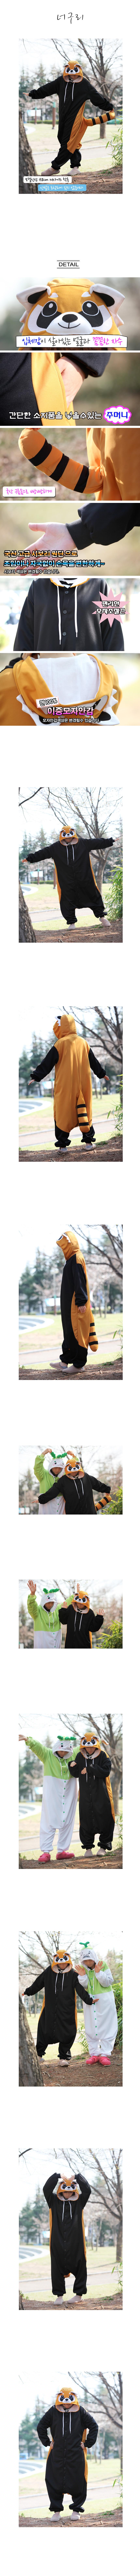 사계절동물잠옷-너구리 - 사자크동물잠옷, 37,000원, 잠옷, 커플파자마